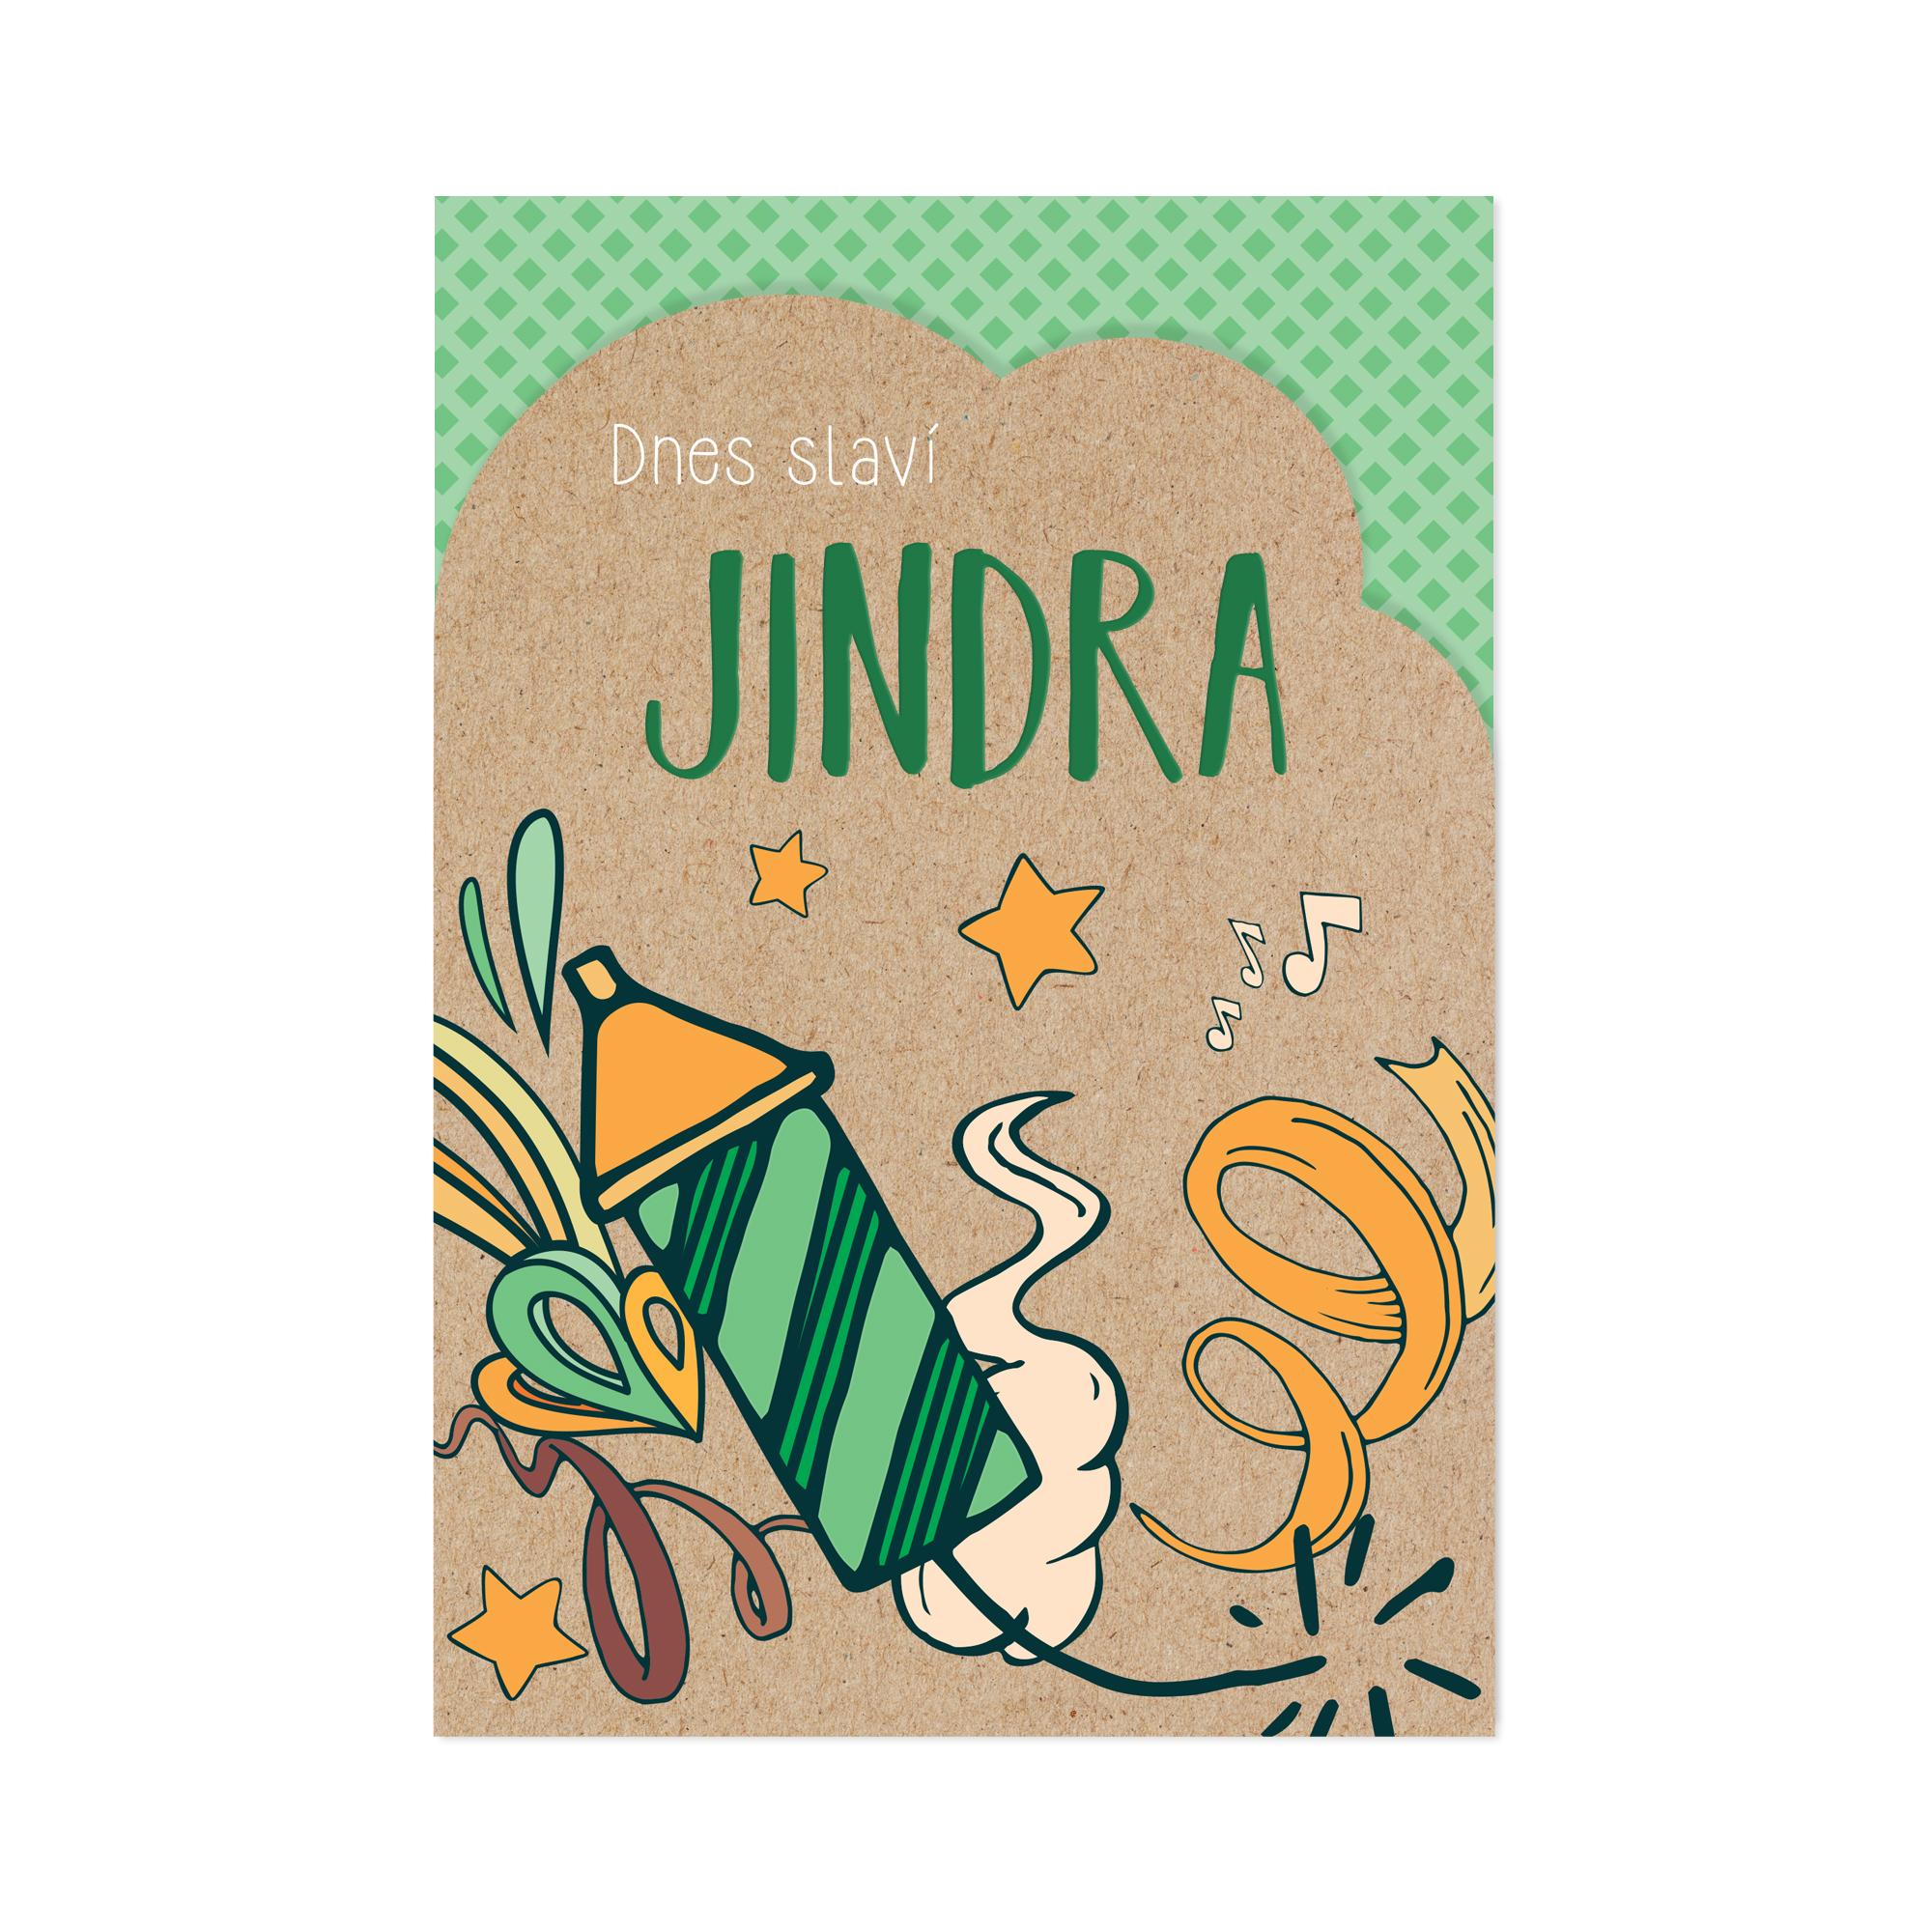 Přání - Jindra